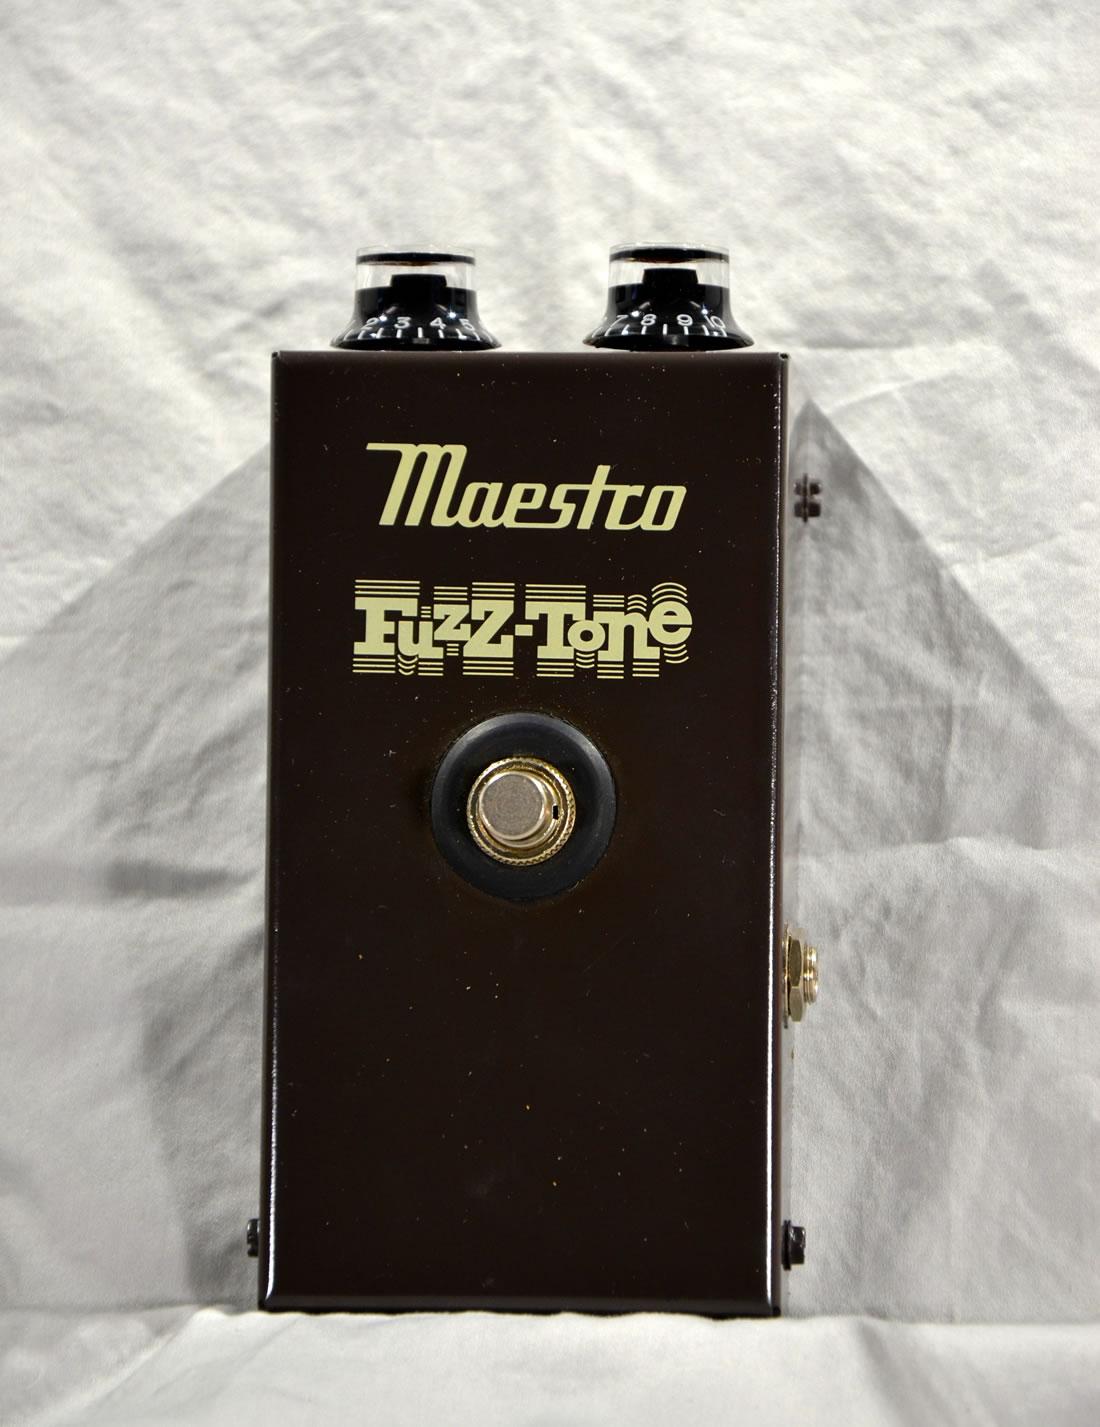 Gibson Maestro Fuzz Tone Reissue FZ-1A